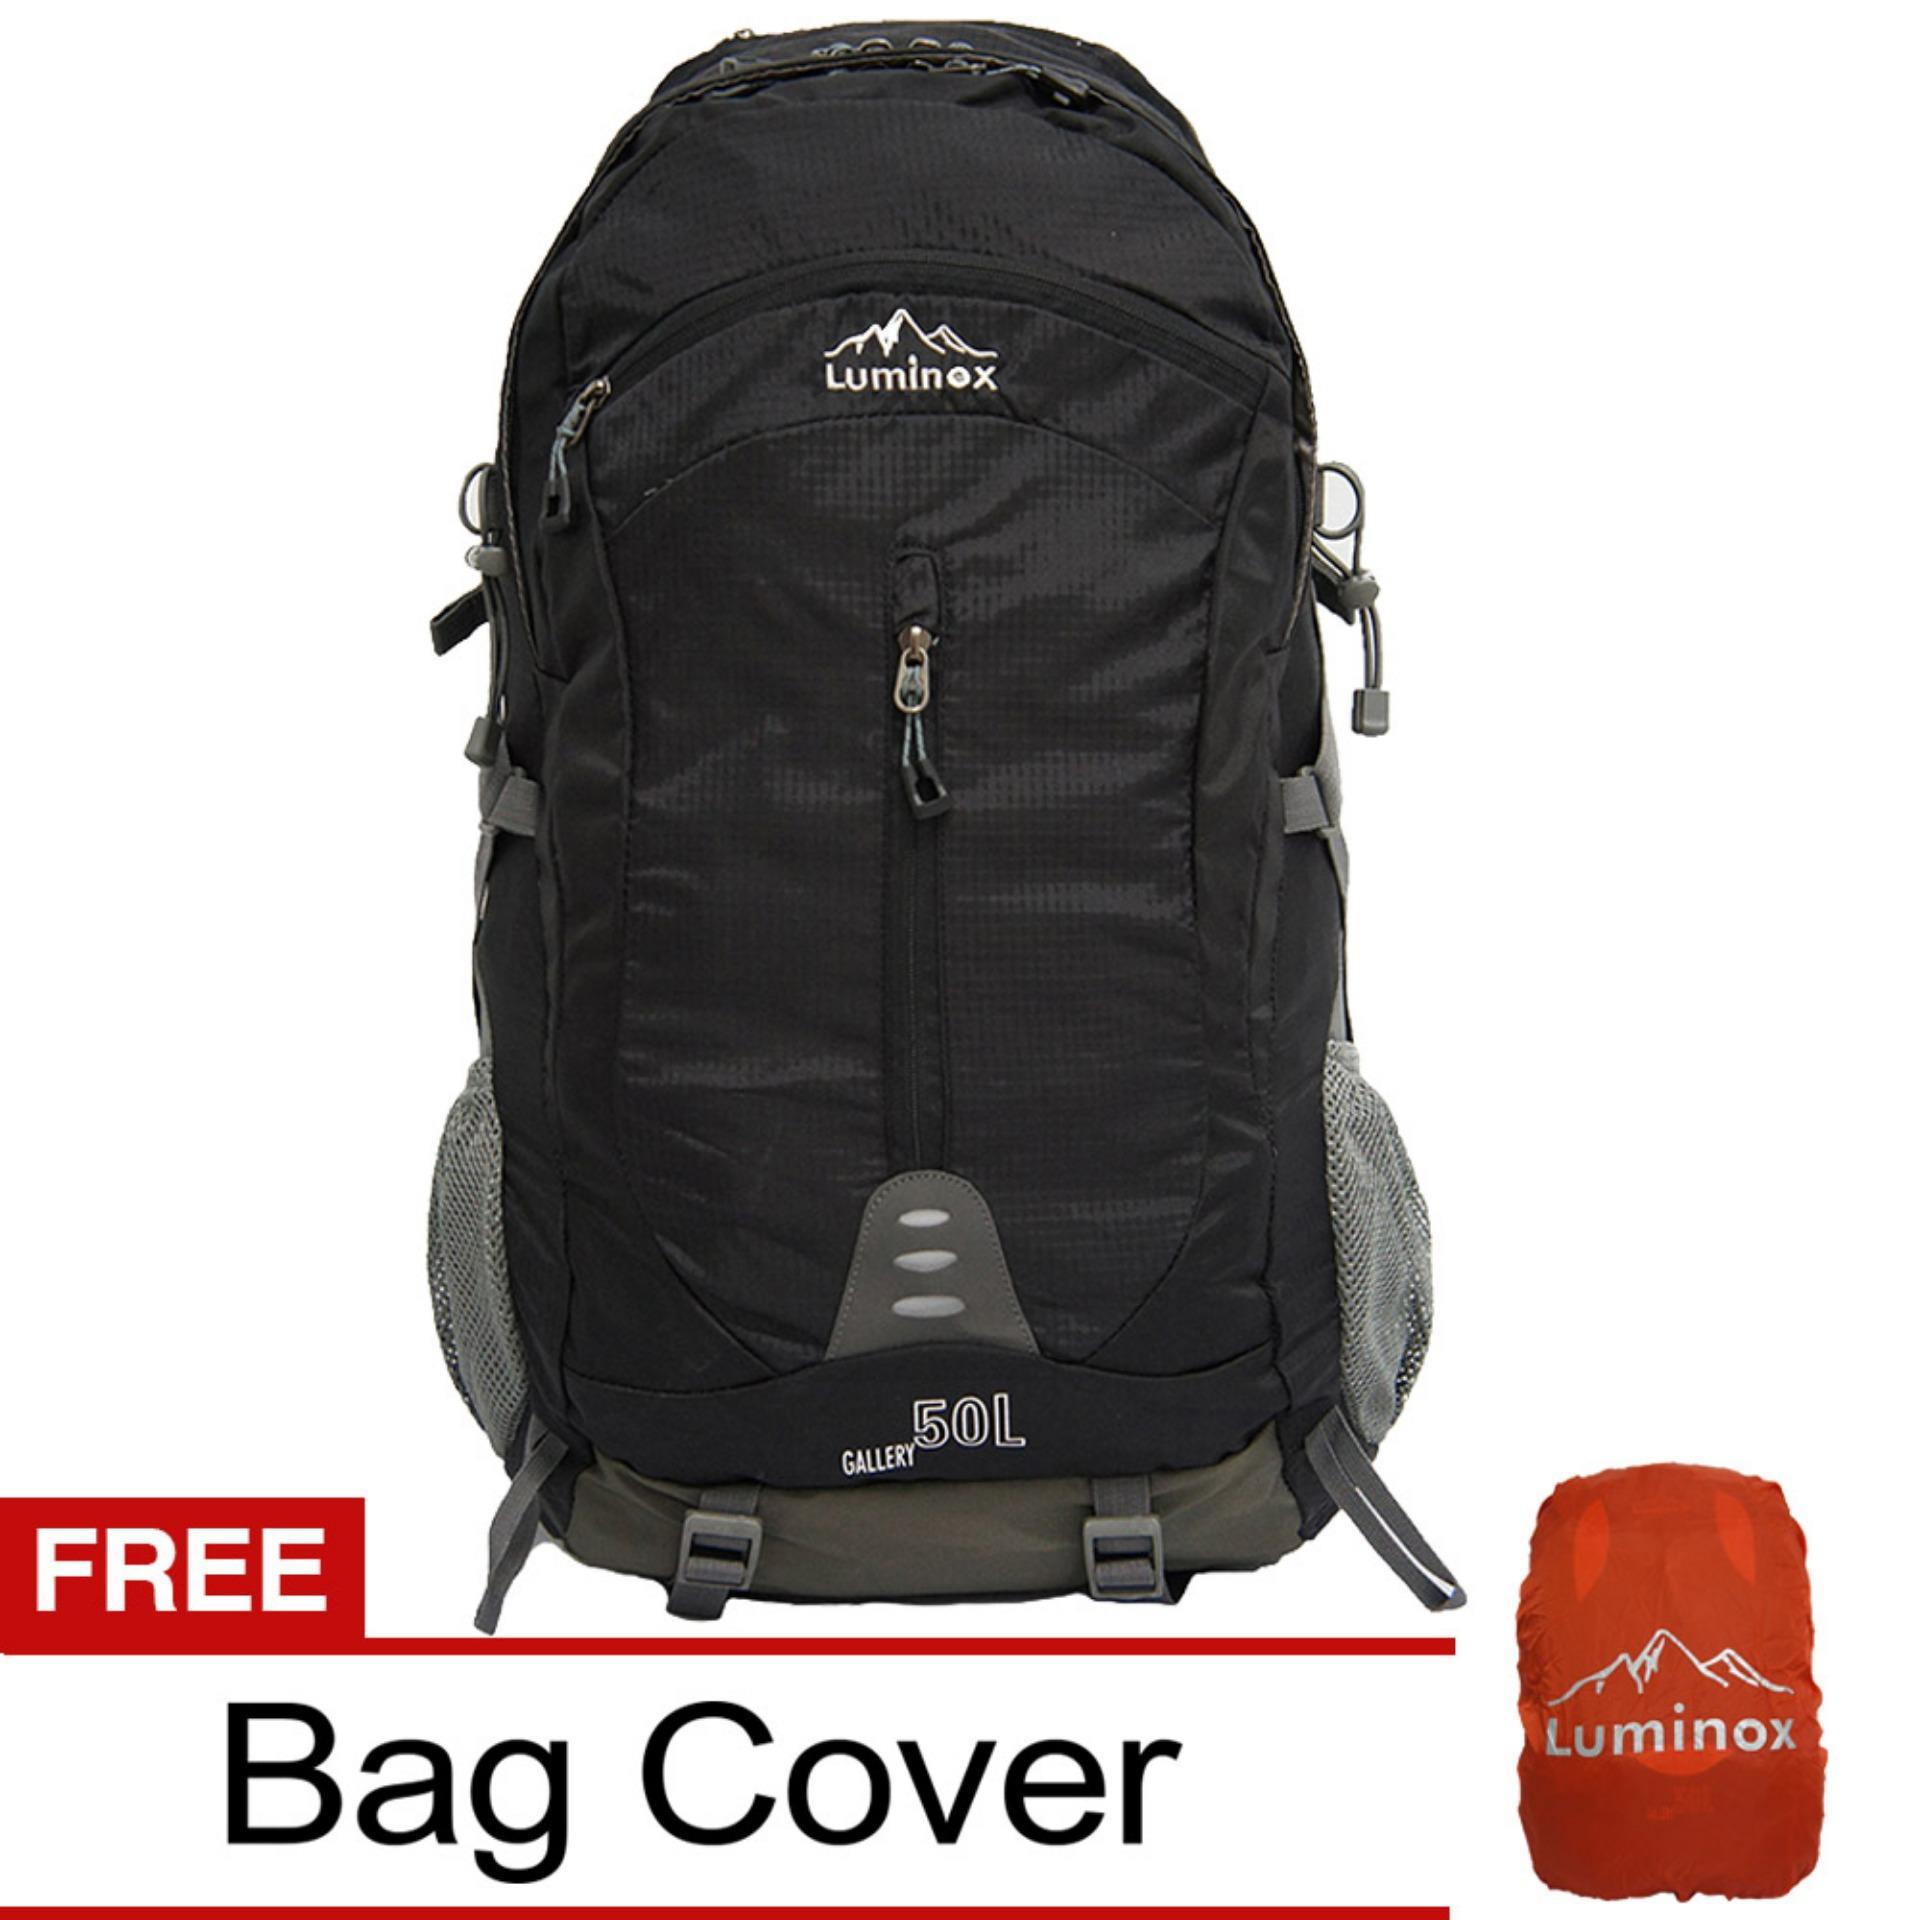 Review Toko Luminox Tas Hiking Backpack Ransel Travel Outdoor Carrier 5029 50 Liter Gratis Rain Cover Hitam Hk